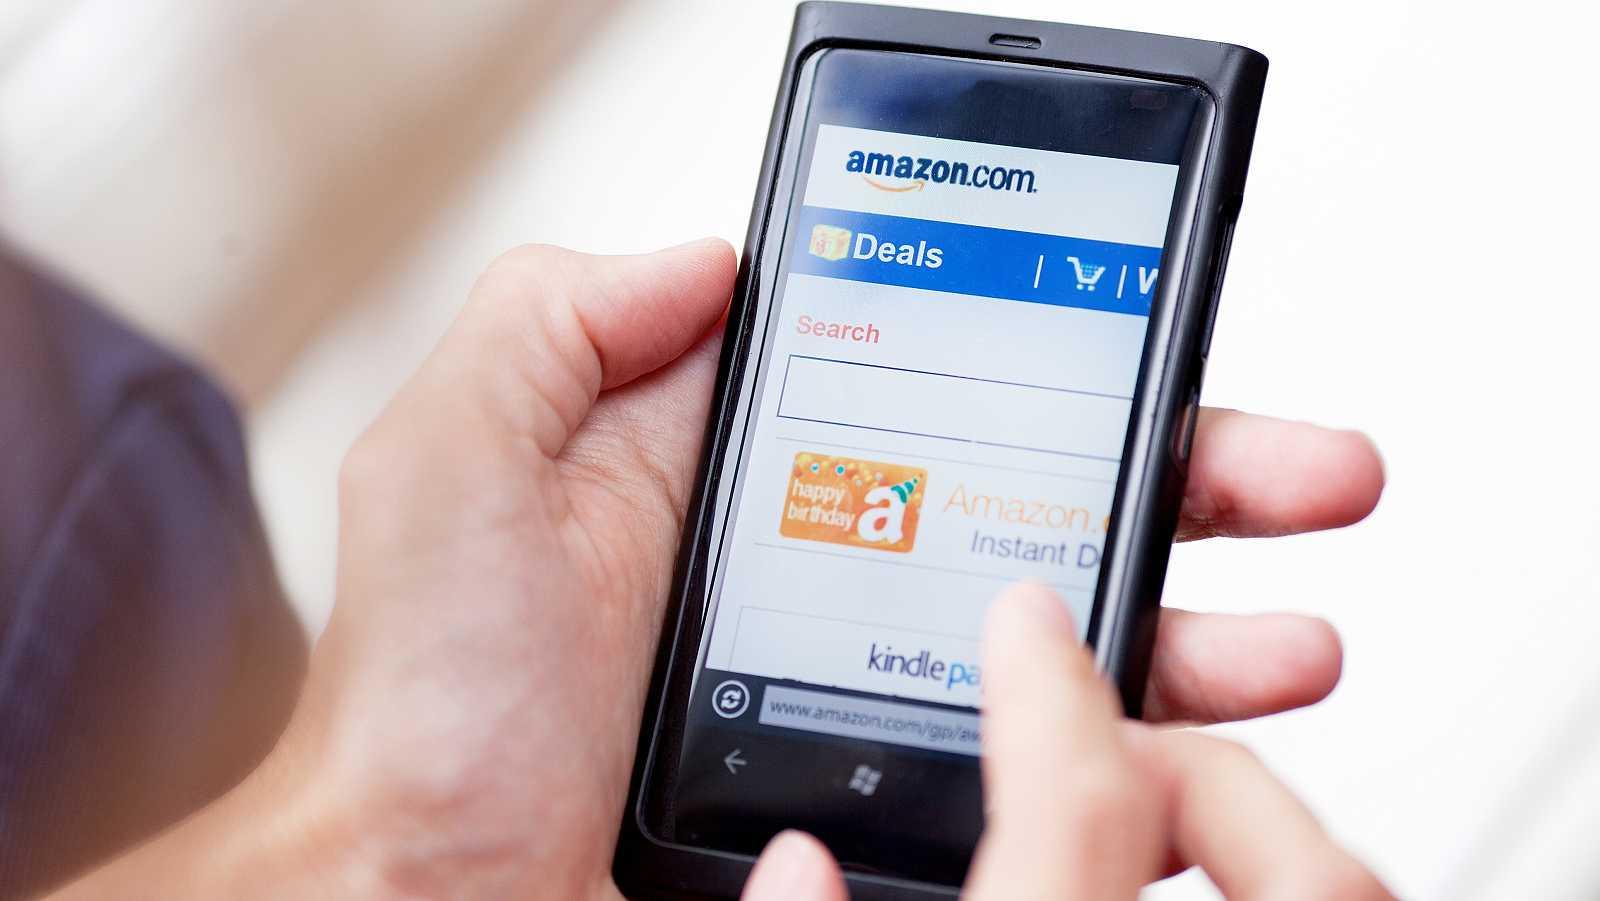 Un usuario interactúa con una notificación de Amazon en su teléfono móvil.